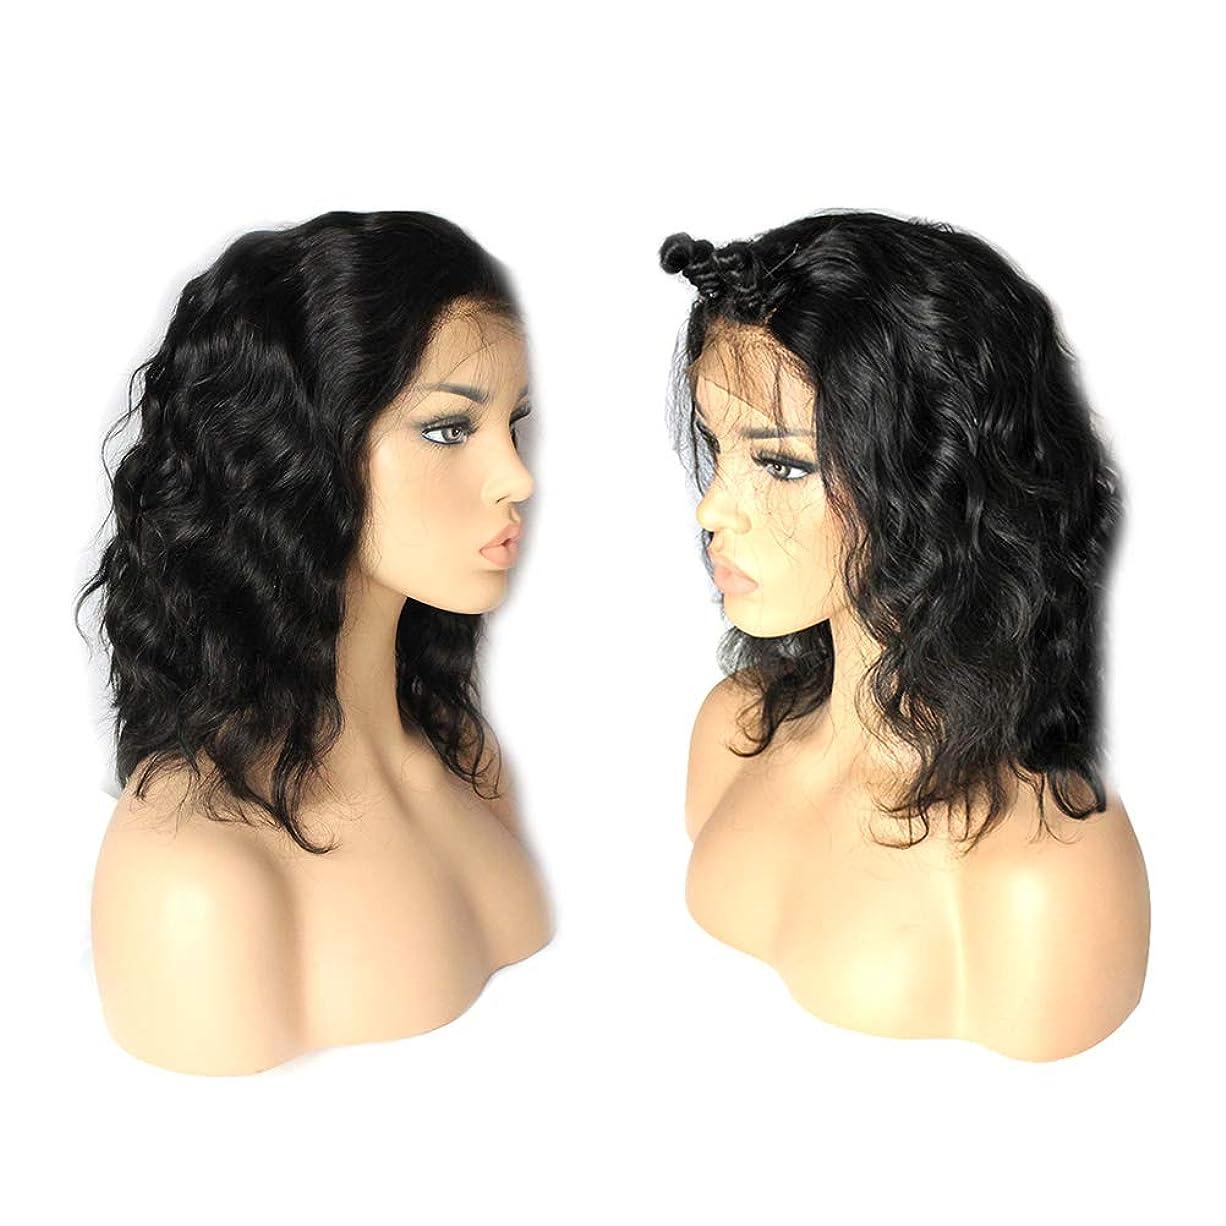 ダイヤルクール運動する女性ショートカーリーファッションヘアウィッグ自然に見える絶妙な弾性ネットウィッグカバー(LS-083)